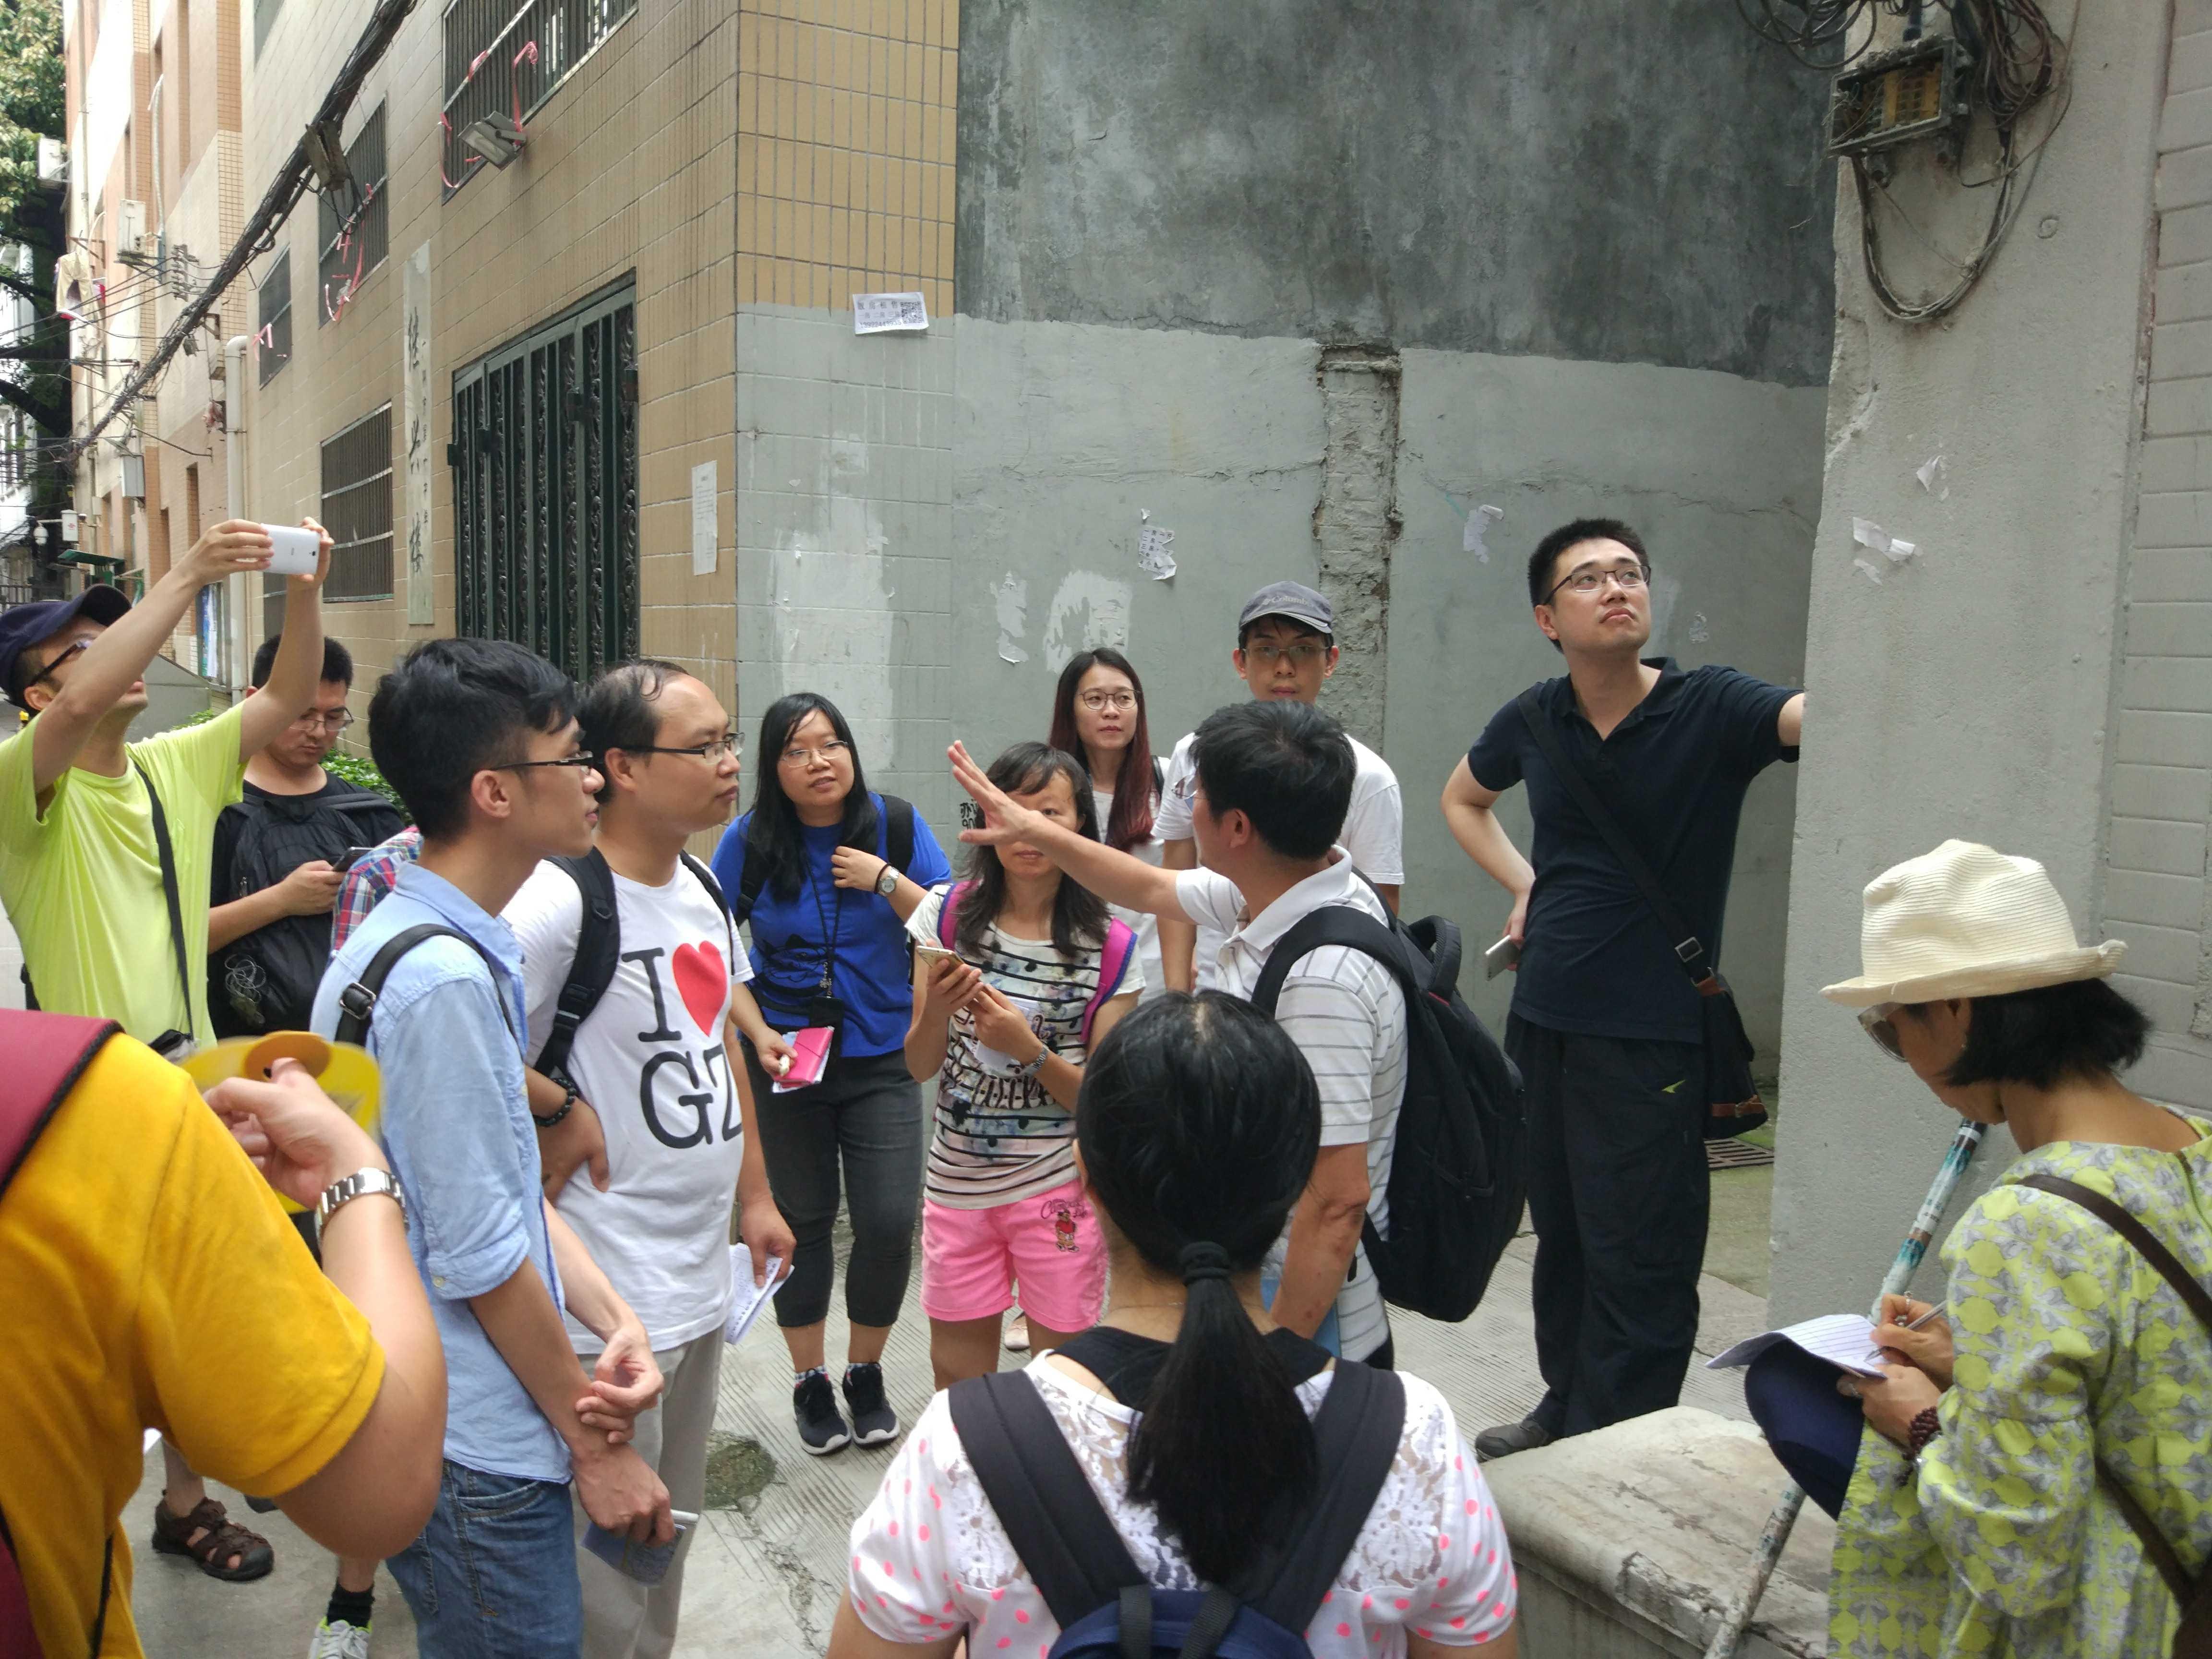 7月:悠游省城老城门——旧时的南门到海皮